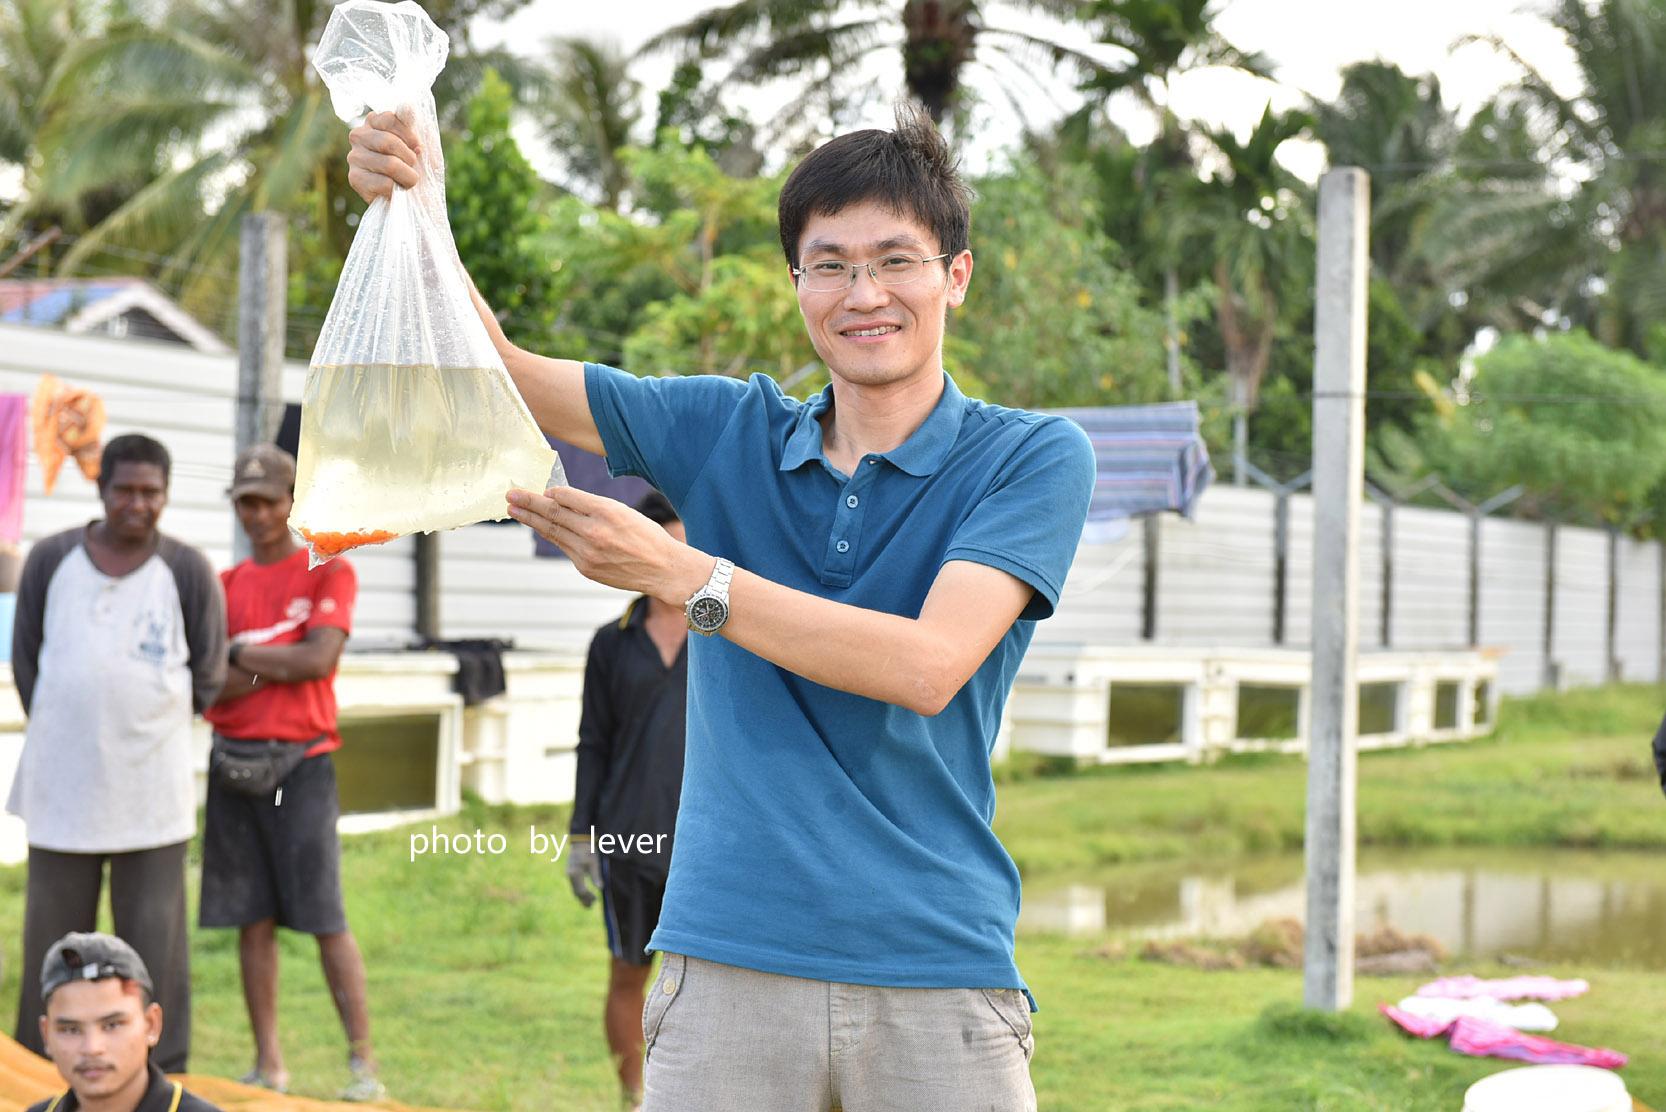 嗨我虽是杂文泰虎但也很多人喜欢我哟 西安观赏鱼信息 西安博特第4张